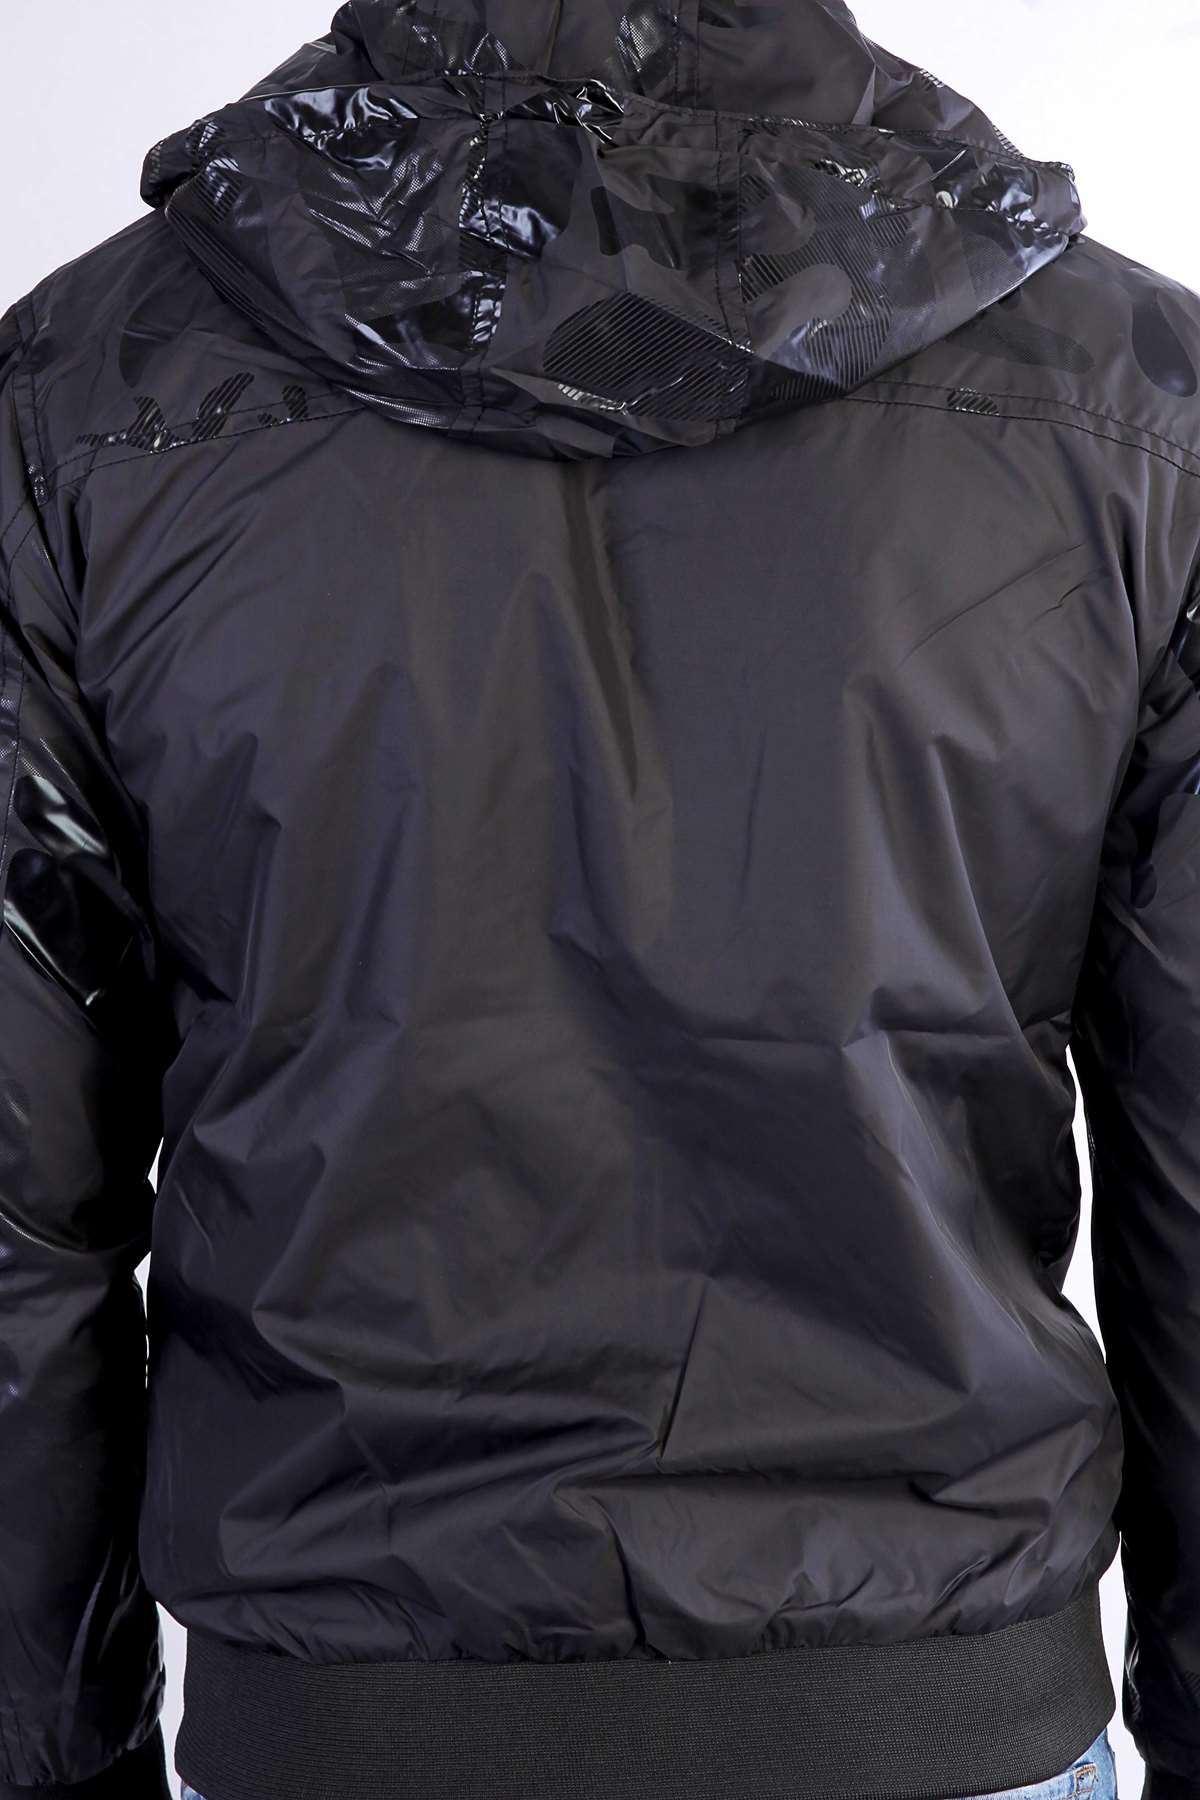 Üst Ve Kolları Kamuflaj Baskılı Kapşonlu Baharlık Pilot Mont Siyah